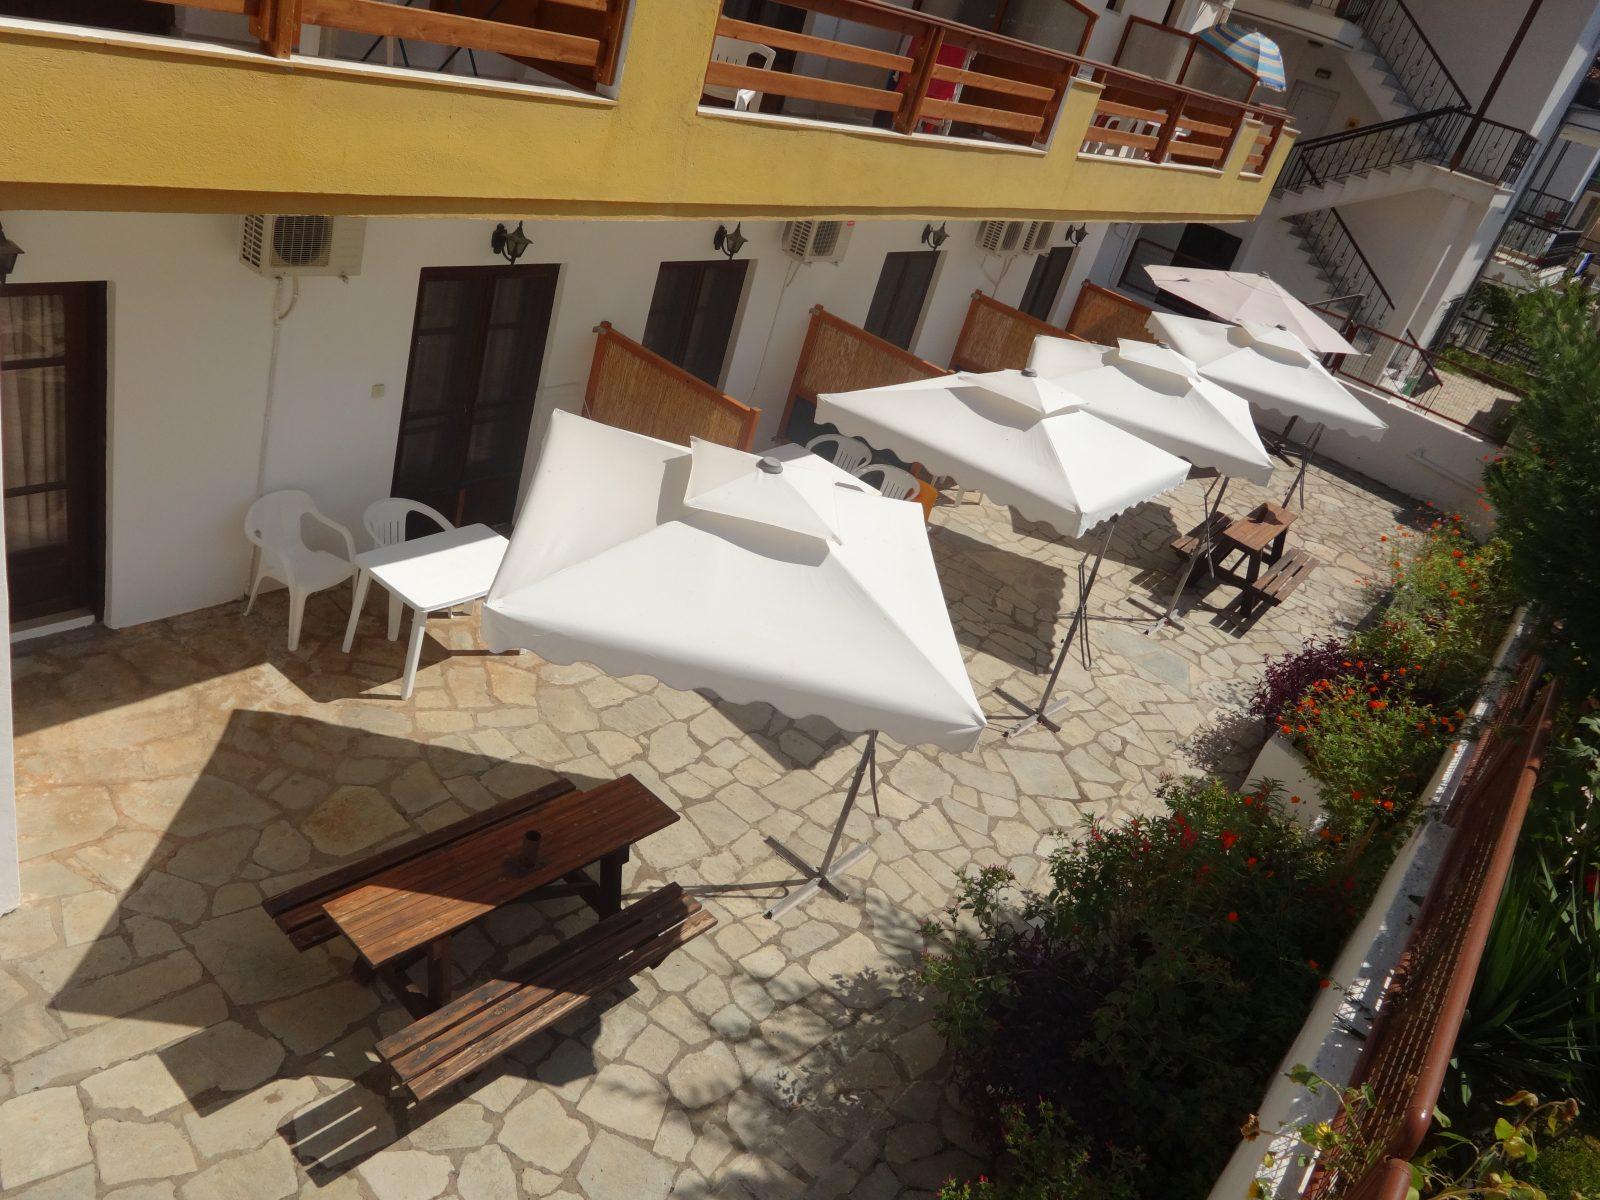 Grcka apartmani letovanje, Nea Flogita Halkidiki, Pirgioti, dvorište